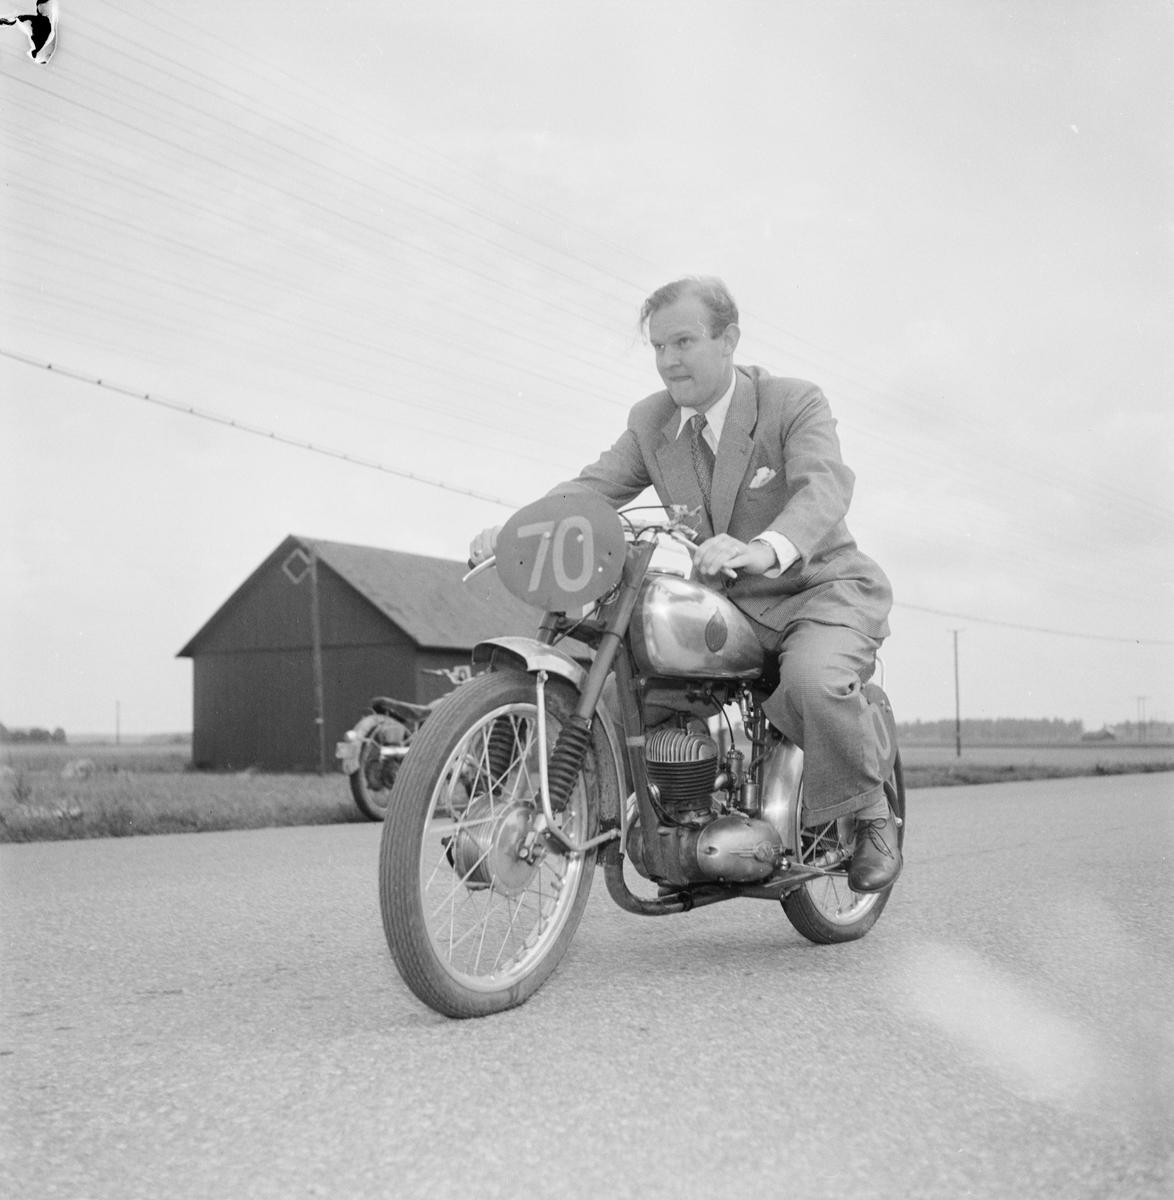 Reklamchef Olle Östblom, Nymanbolagen, provsitter motorcykel TT Racer, Uppsala 1952